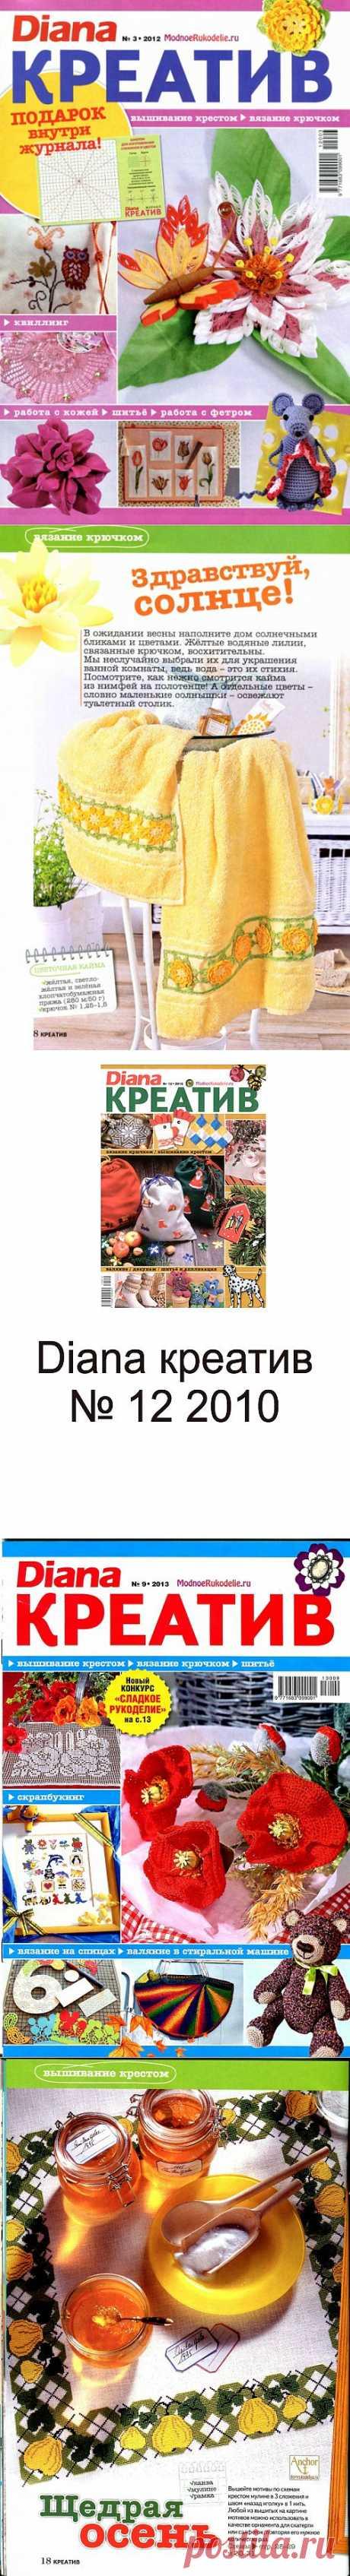 диана креатив - mad1959— я.ру